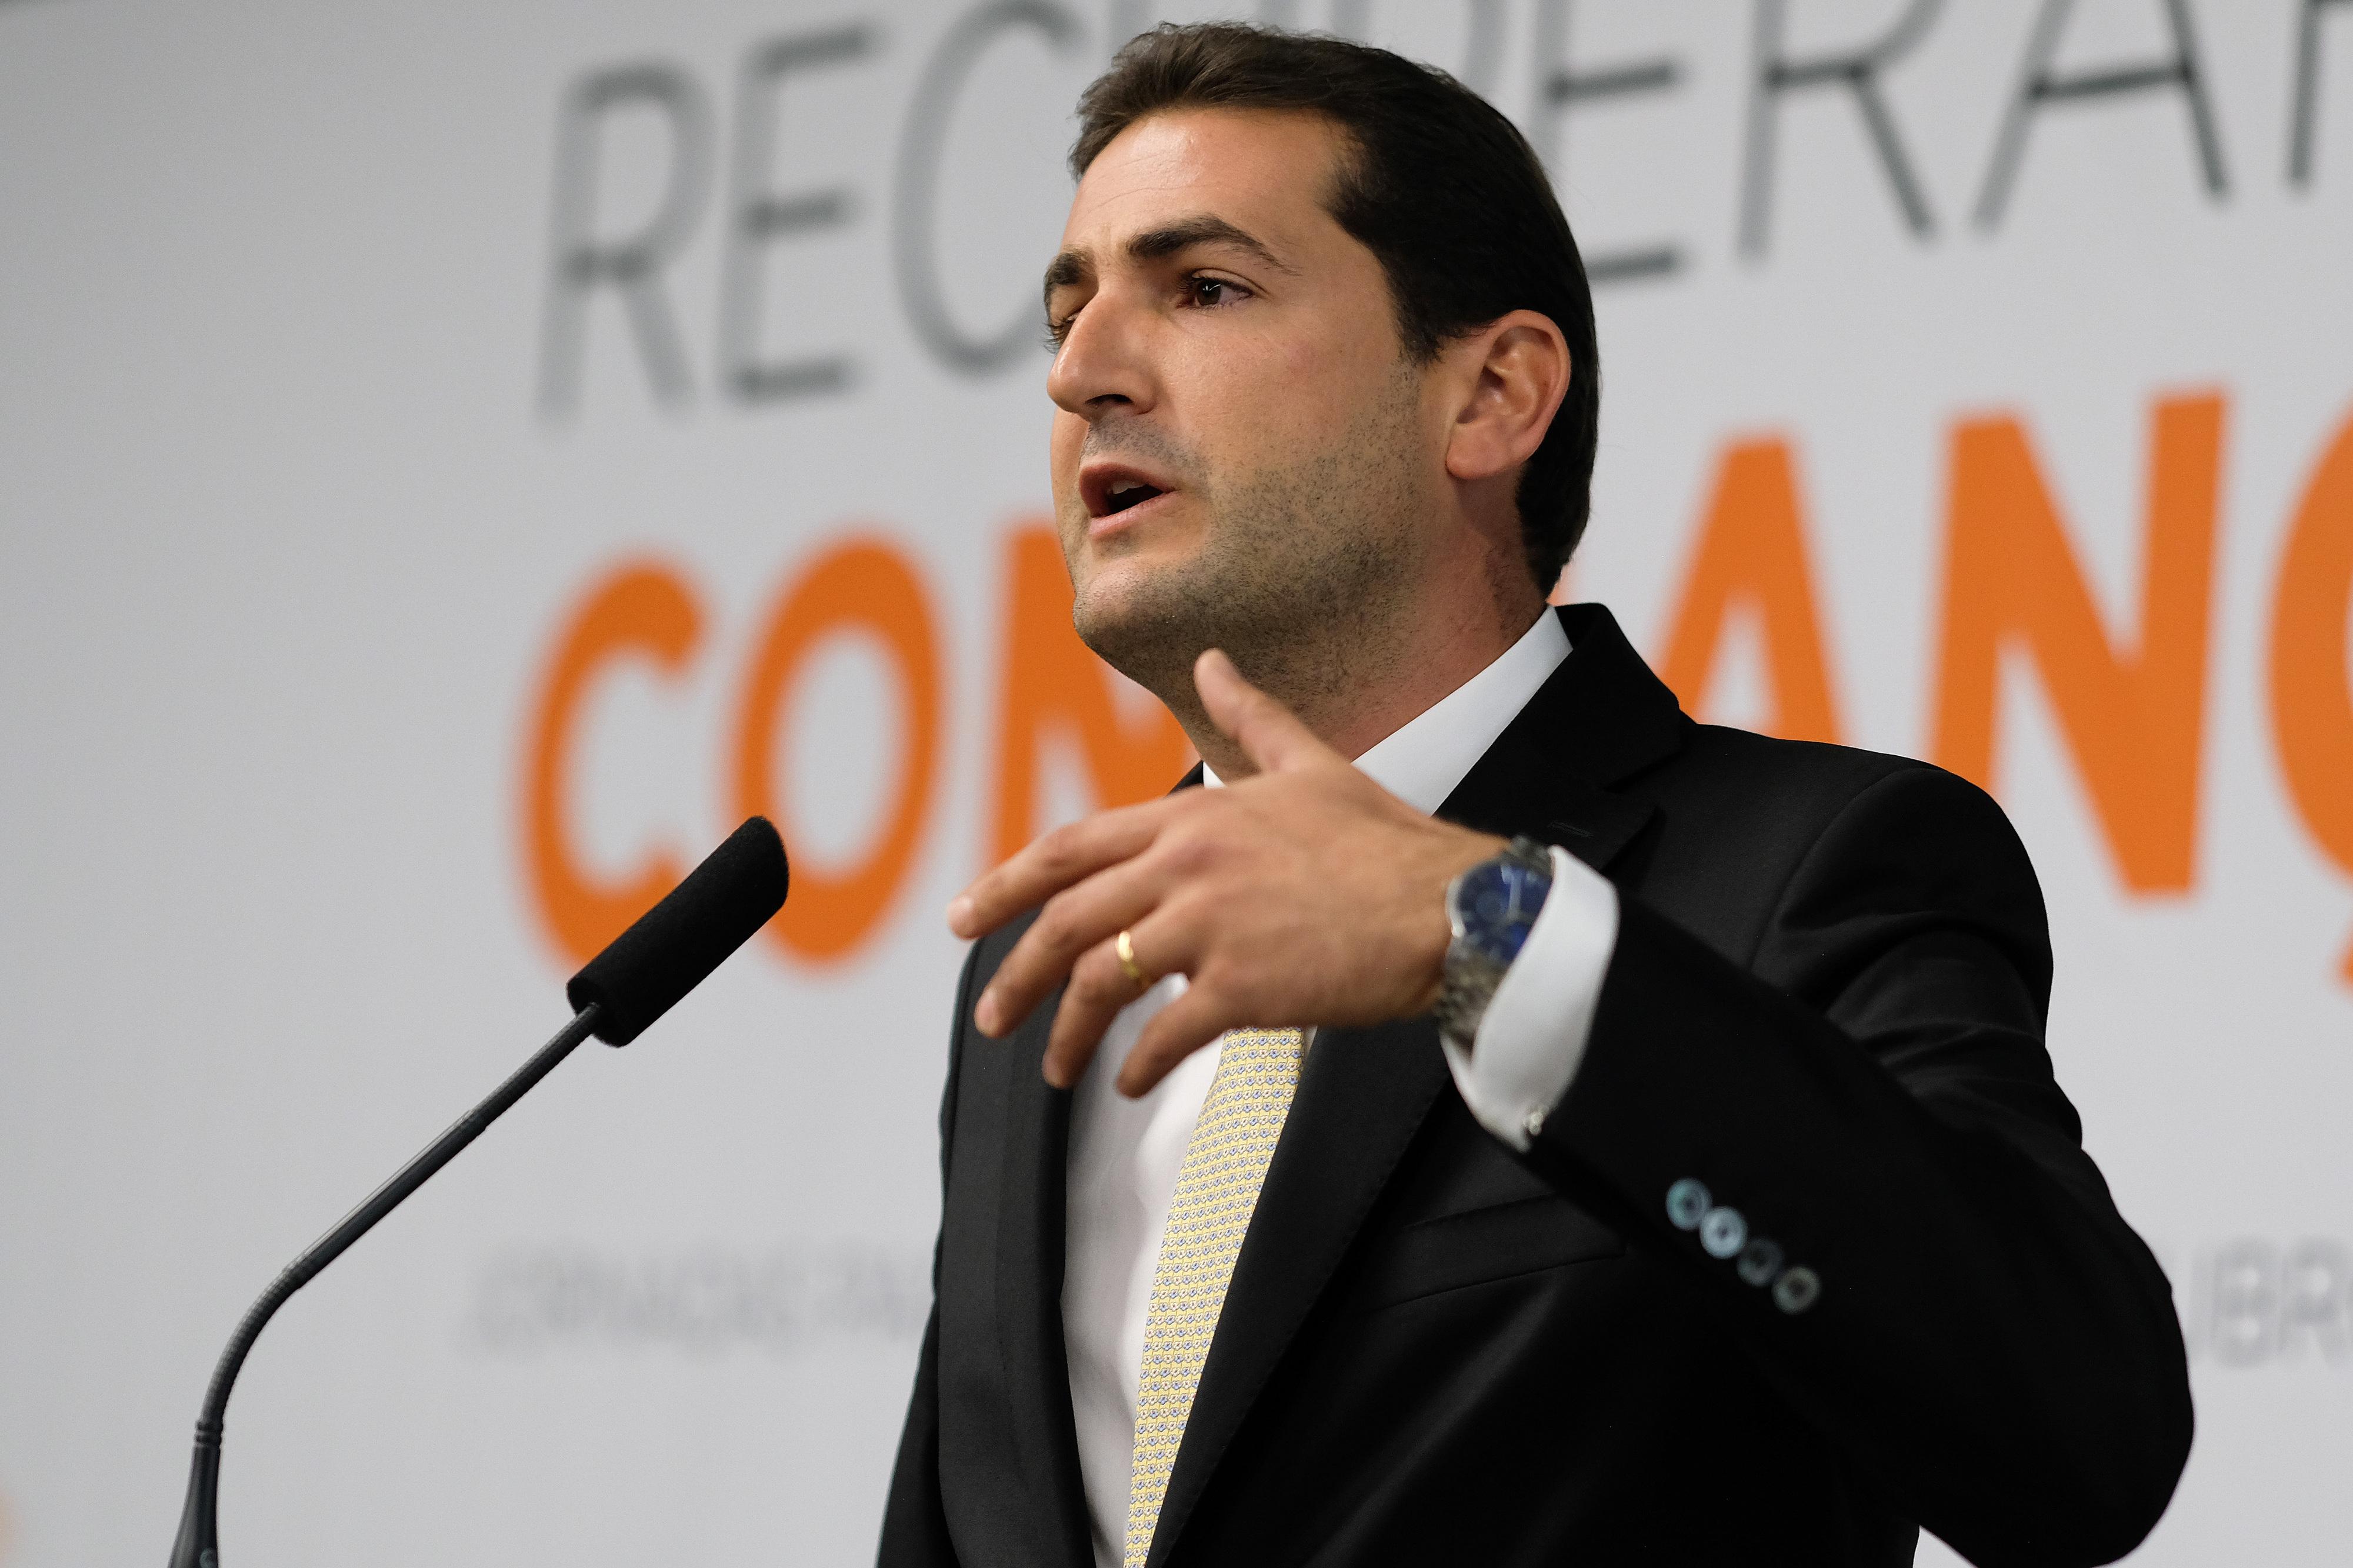 """Hugo Soares não sabia da saída de Luís Montenegro. Diz que é """"uma perda para o partido"""" e também a """"perda de um amigo"""" na bancada"""